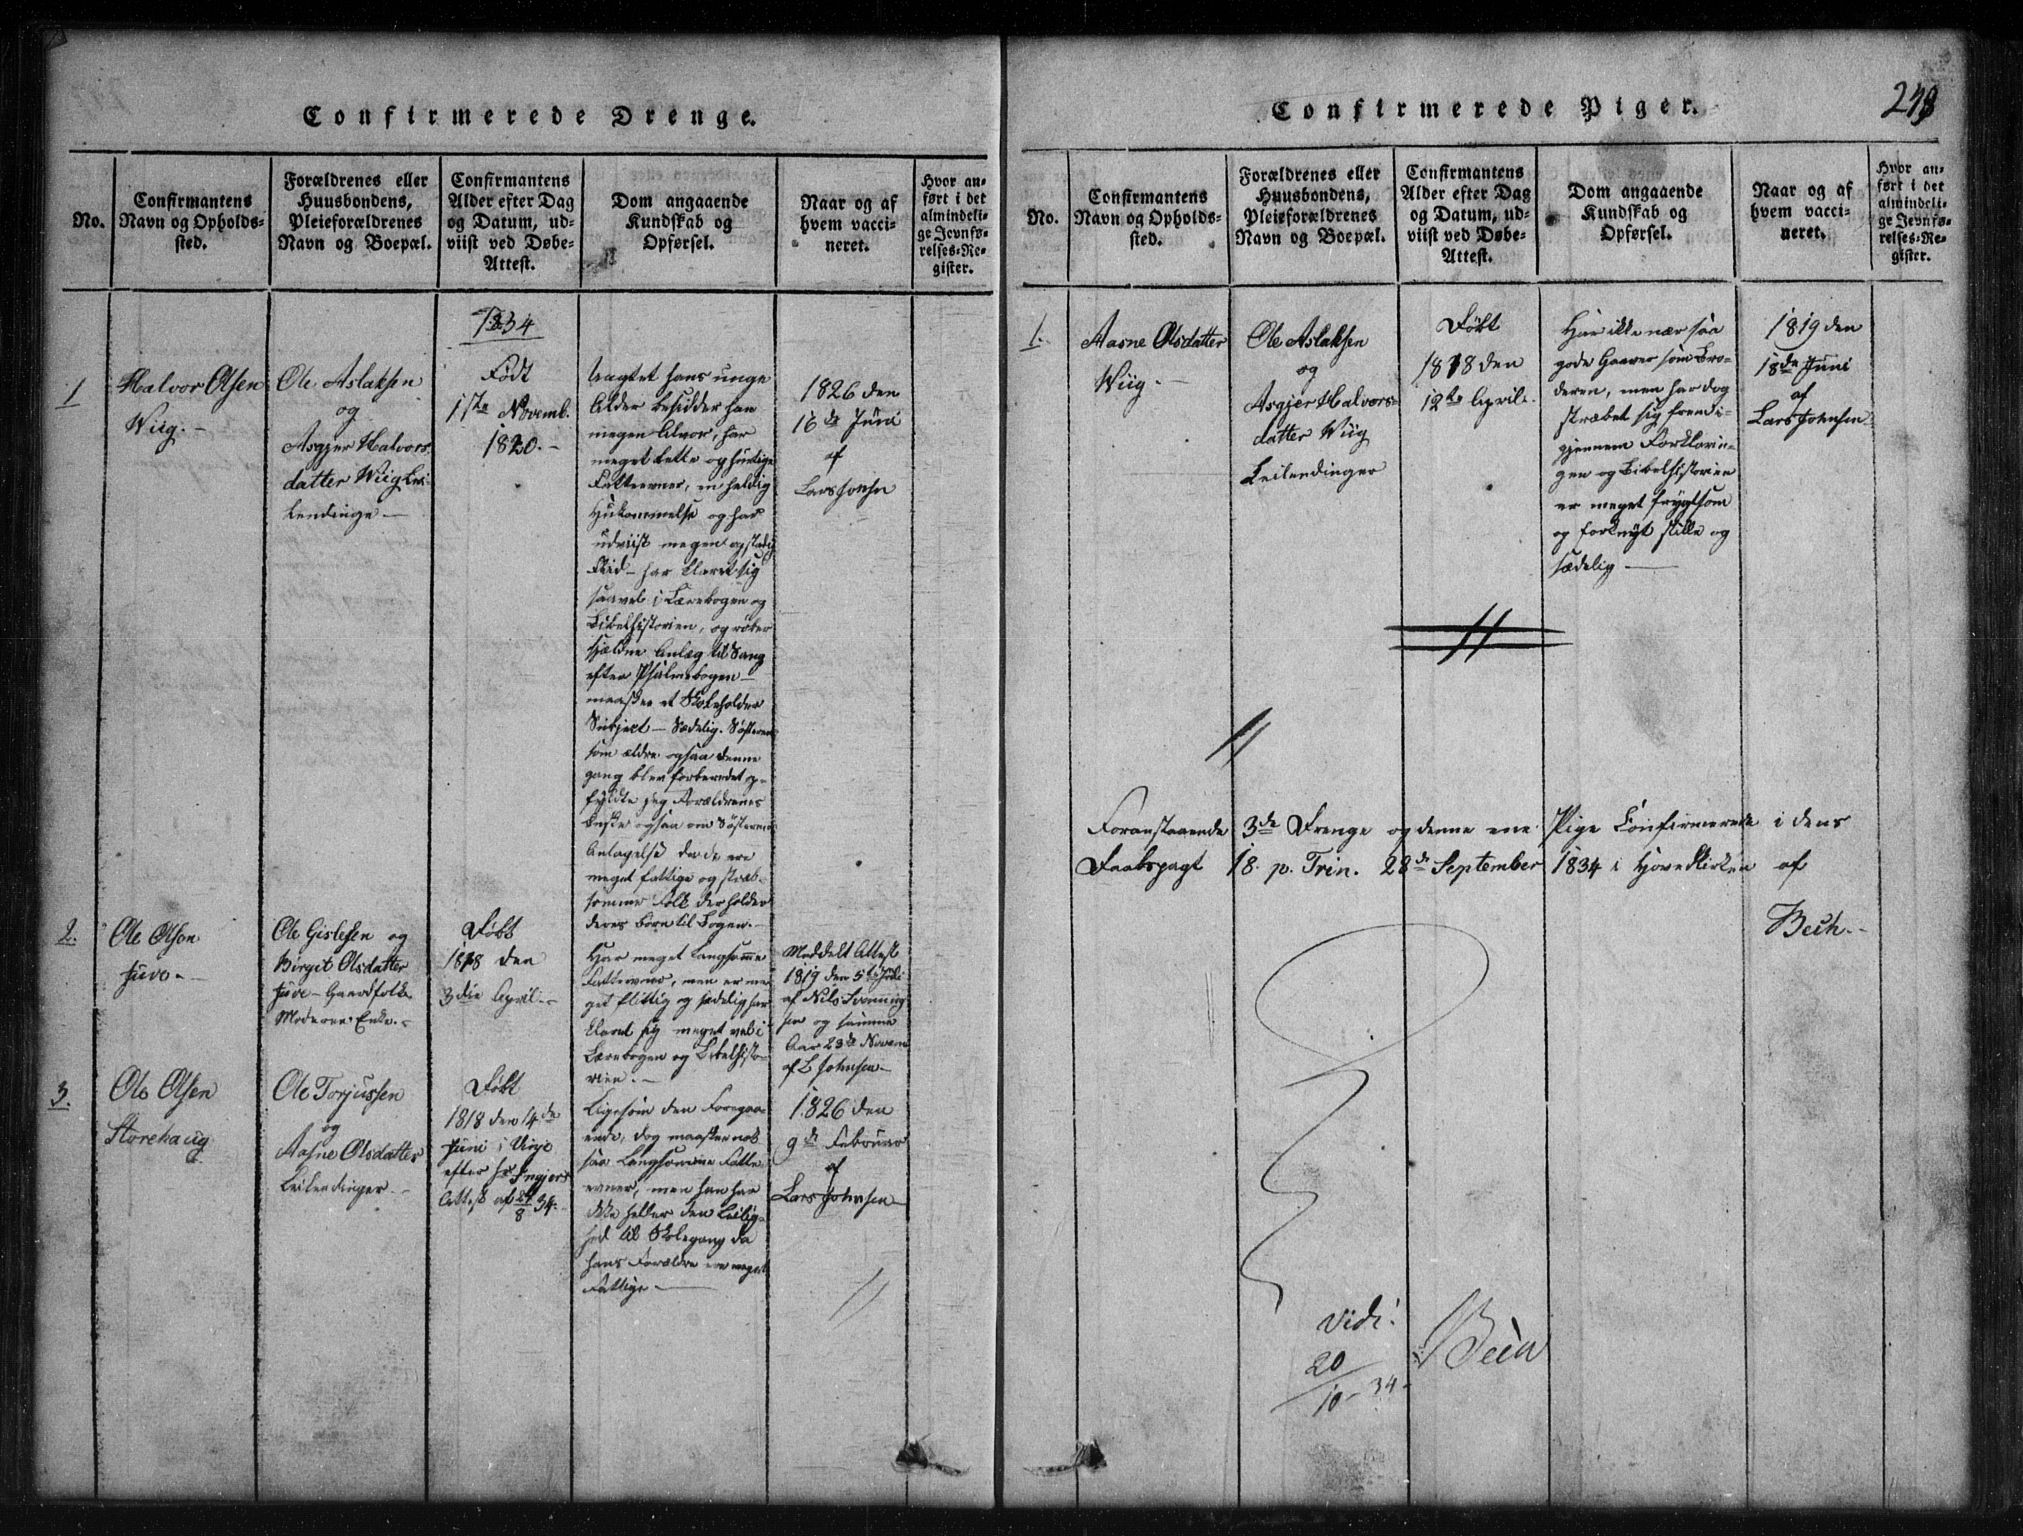 SAKO, Rauland kirkebøker, G/Gb/L0001: Klokkerbok nr. II 1, 1815-1886, s. 248